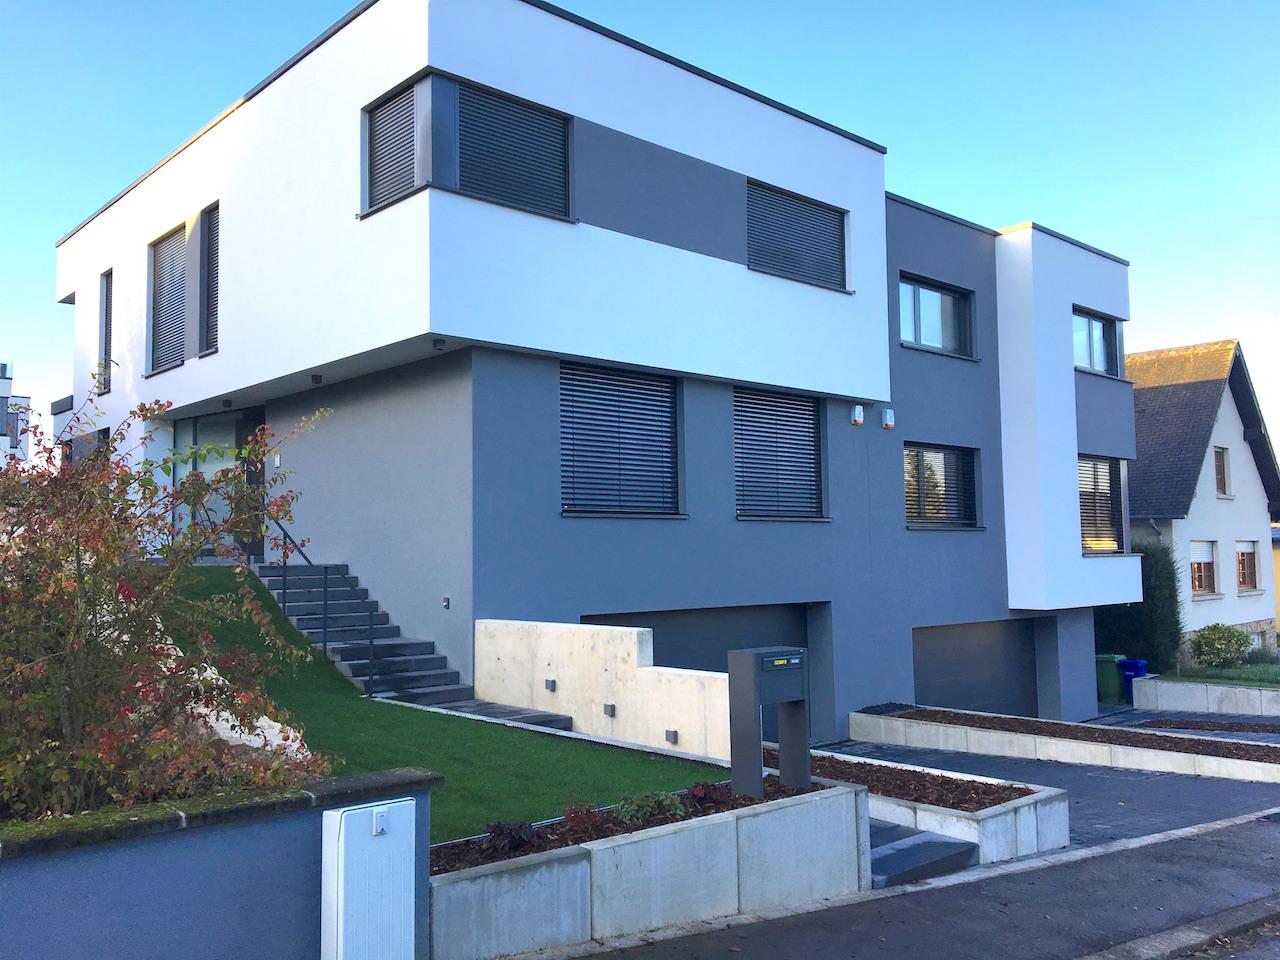 Maisons jumelées à Walferdange